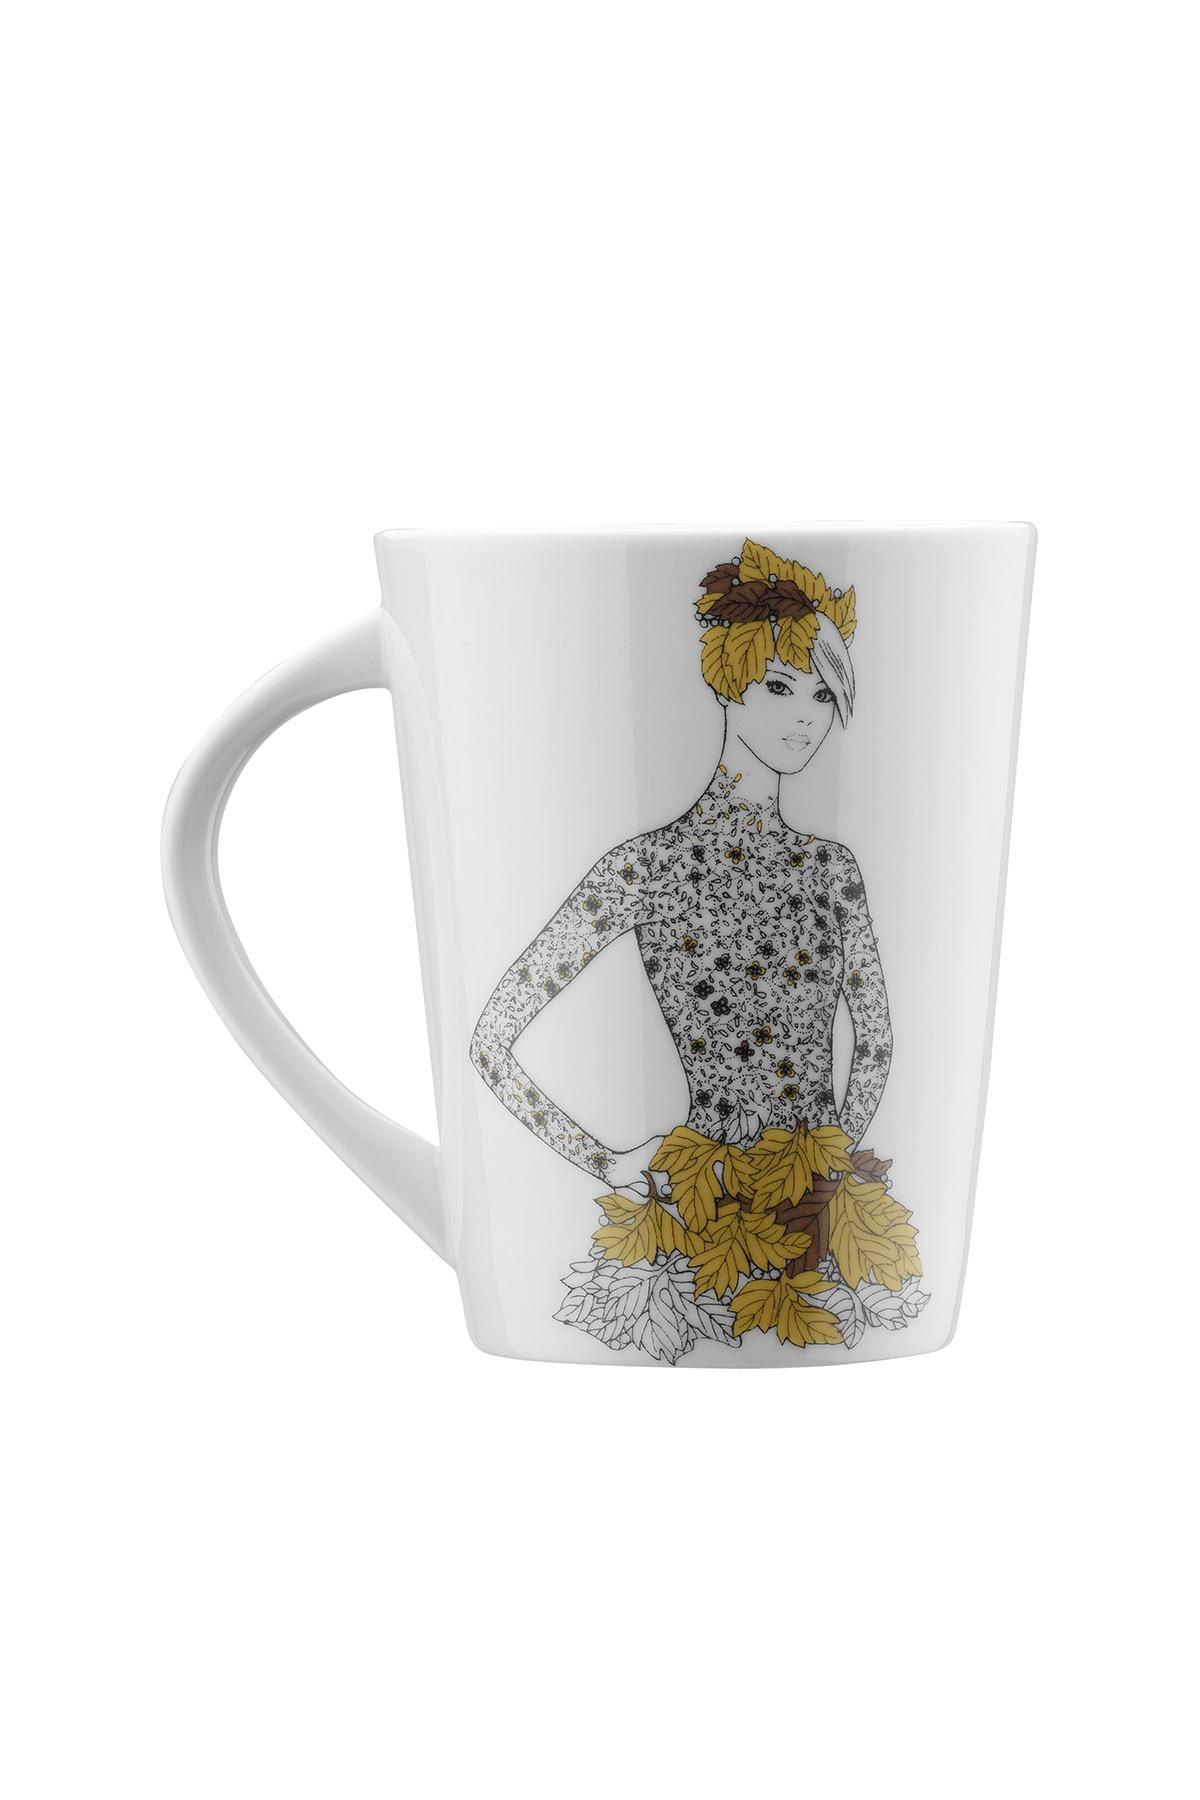 Kütahya Porselen Kadınlarım Serisi 9446 Desen Mug Bardak